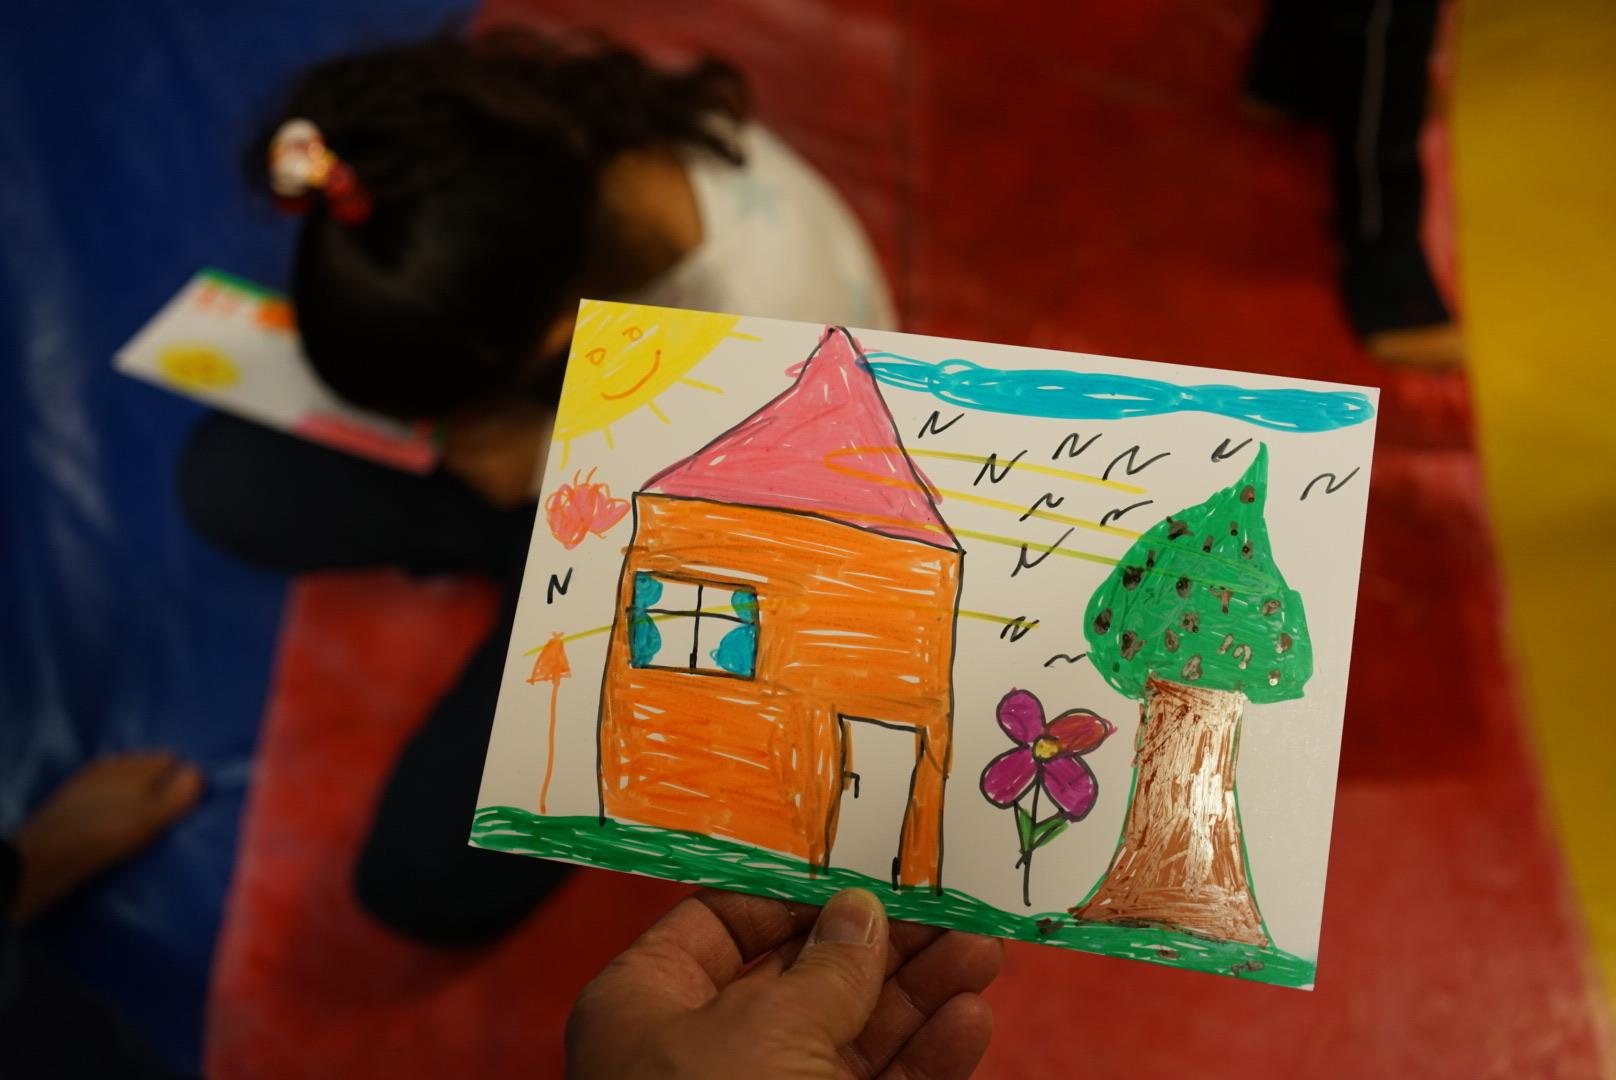 Hodja fra Danmark - Underviser på Projektet: Hodja fra Danmark Udvikling og facilitering af workshops for at skabe møder mellem flygtningebørn i flygtningelejre,modtageklasser og andre af skolens